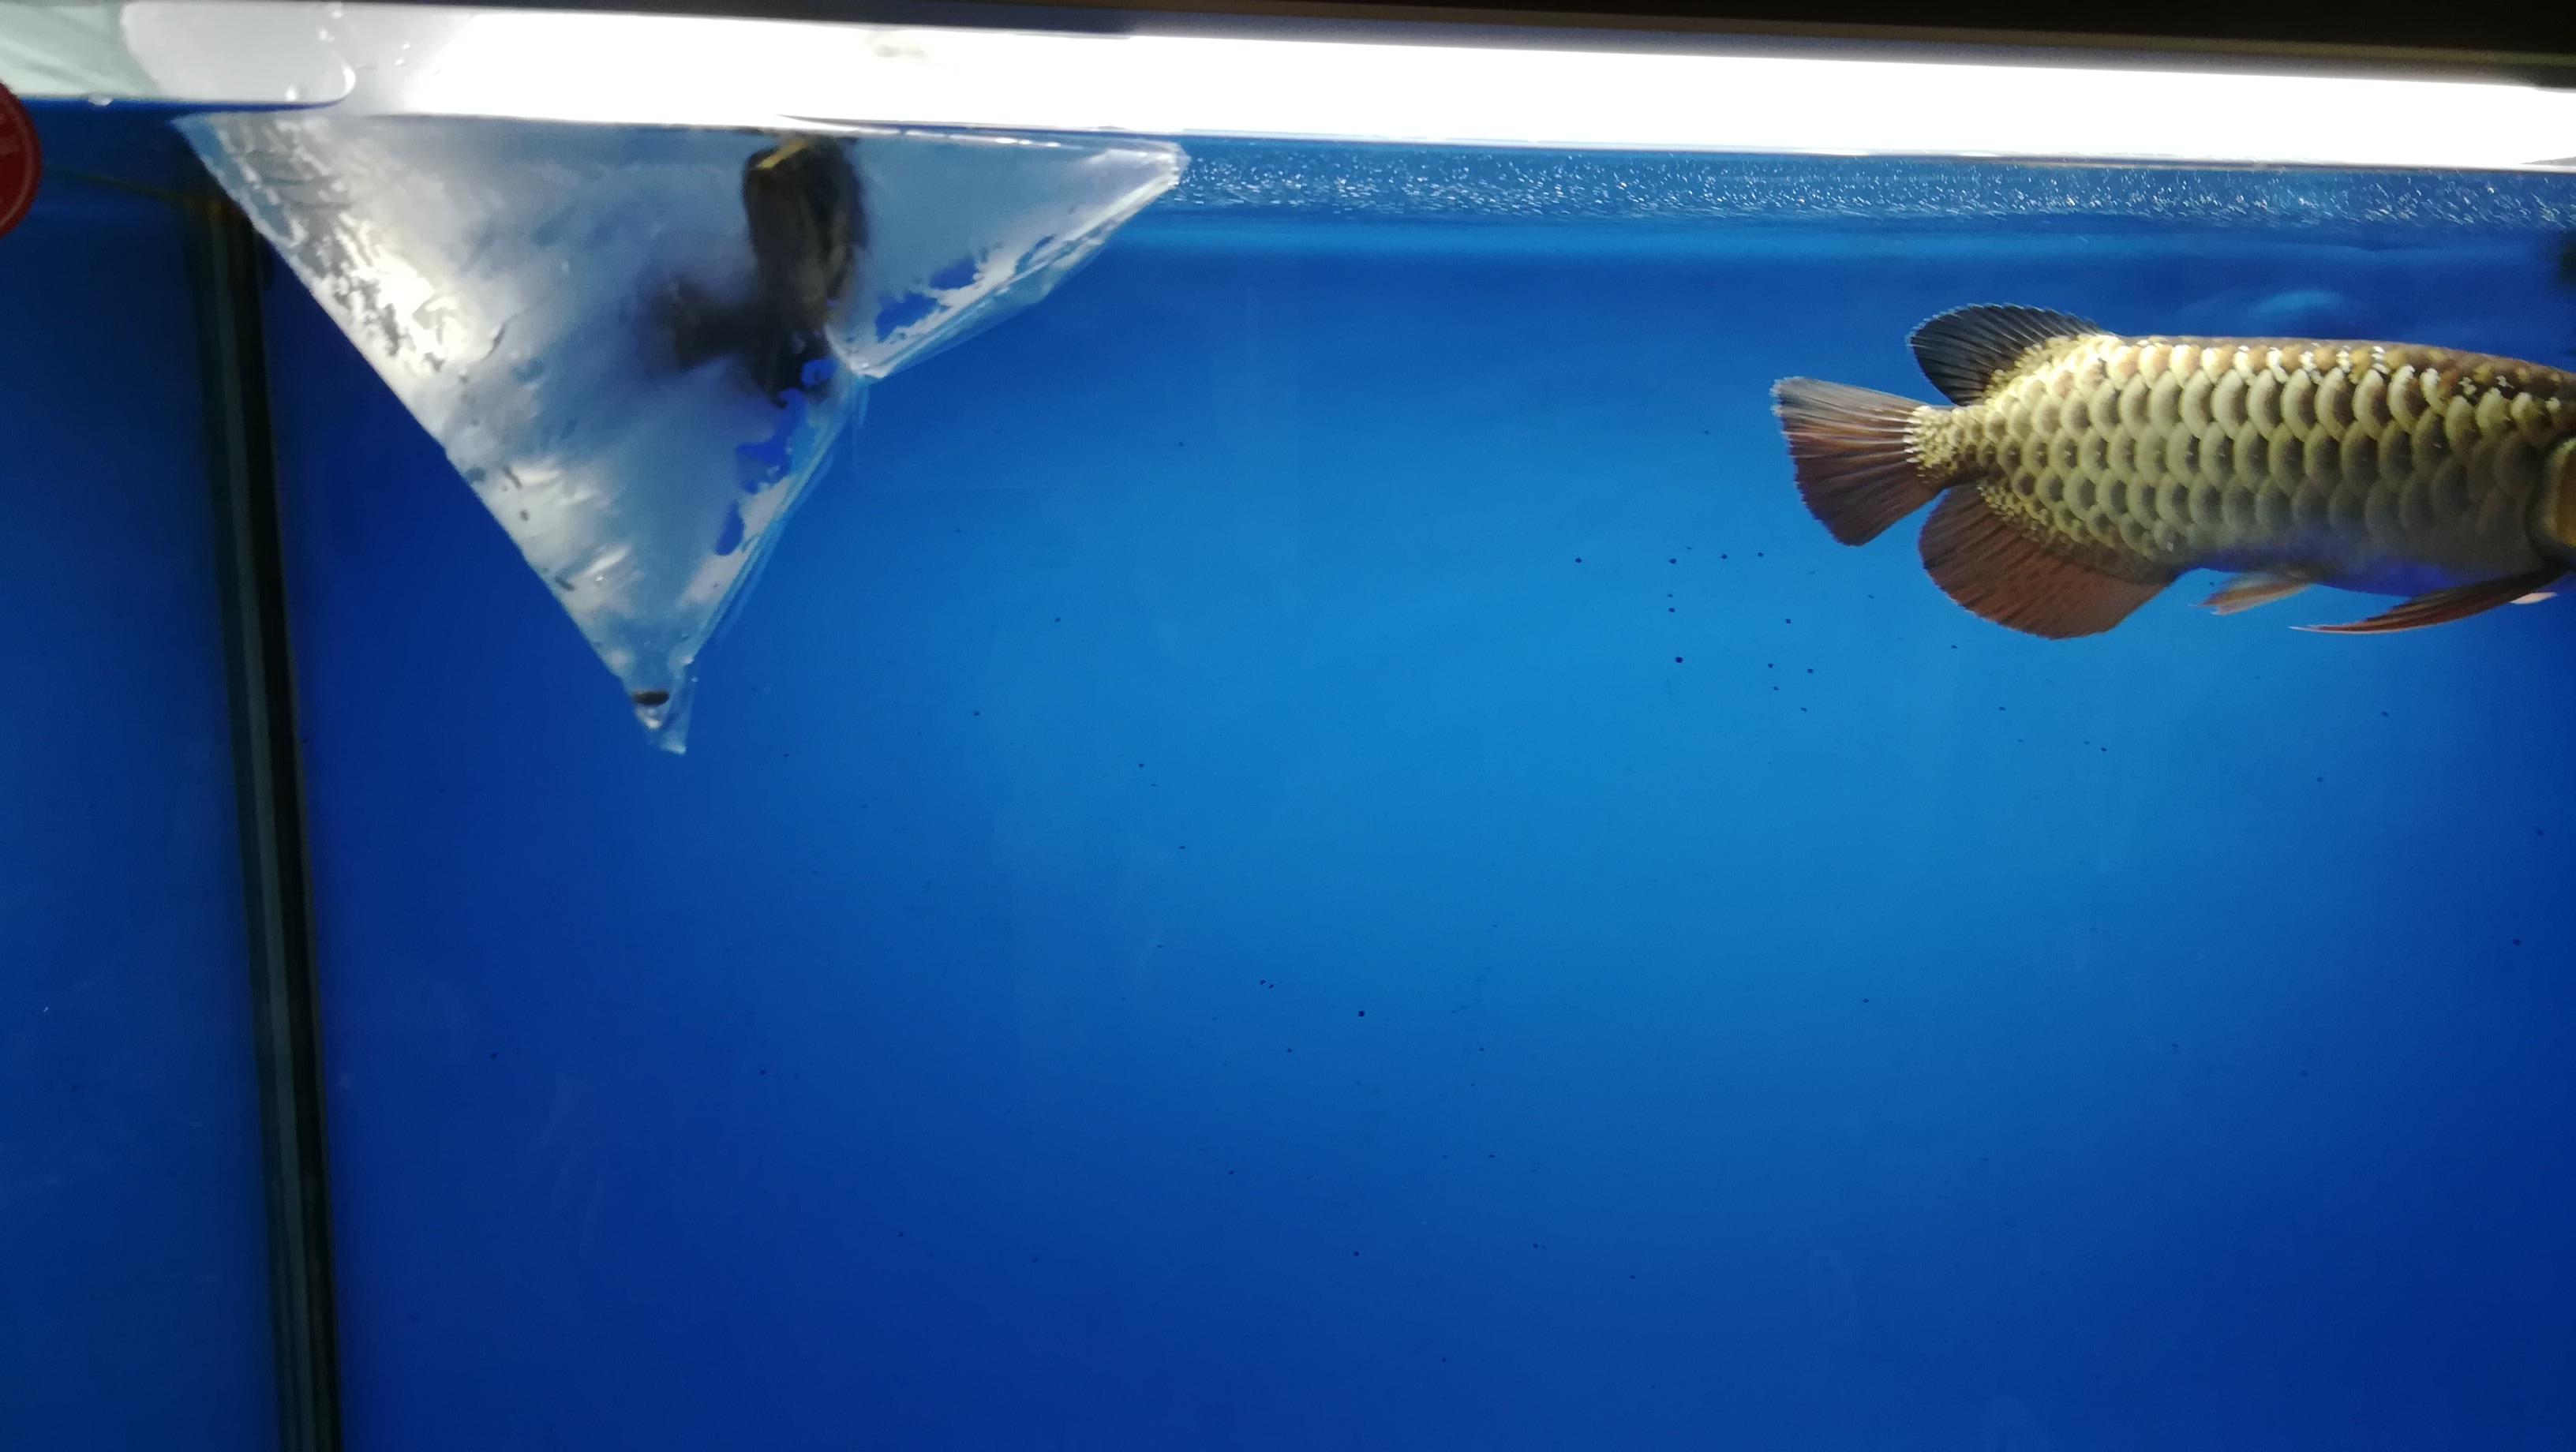 龙鱼的新伙伴小黑虎 湖州水族批发市场 湖州水族批发市场第5张